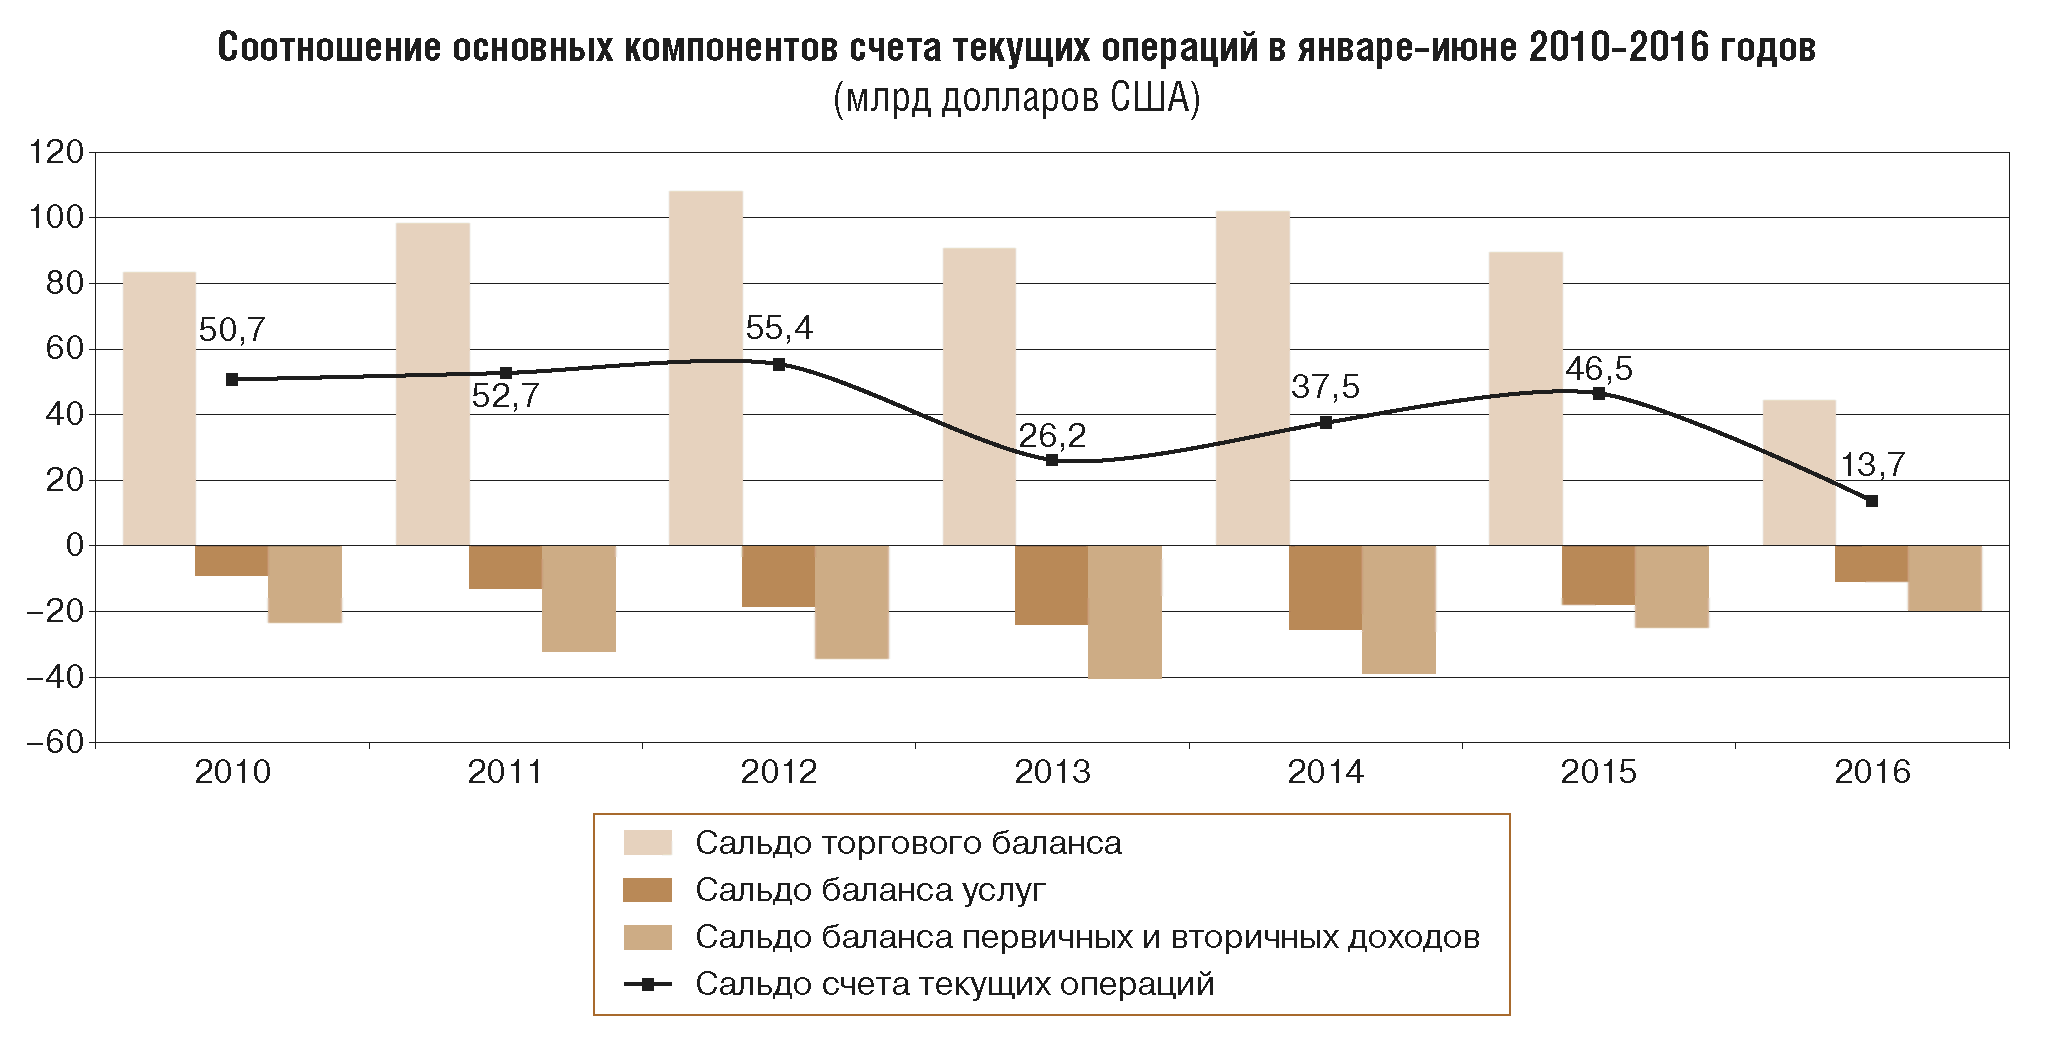 альфа-банк потребительский кредит процентная ставка для физических лиц